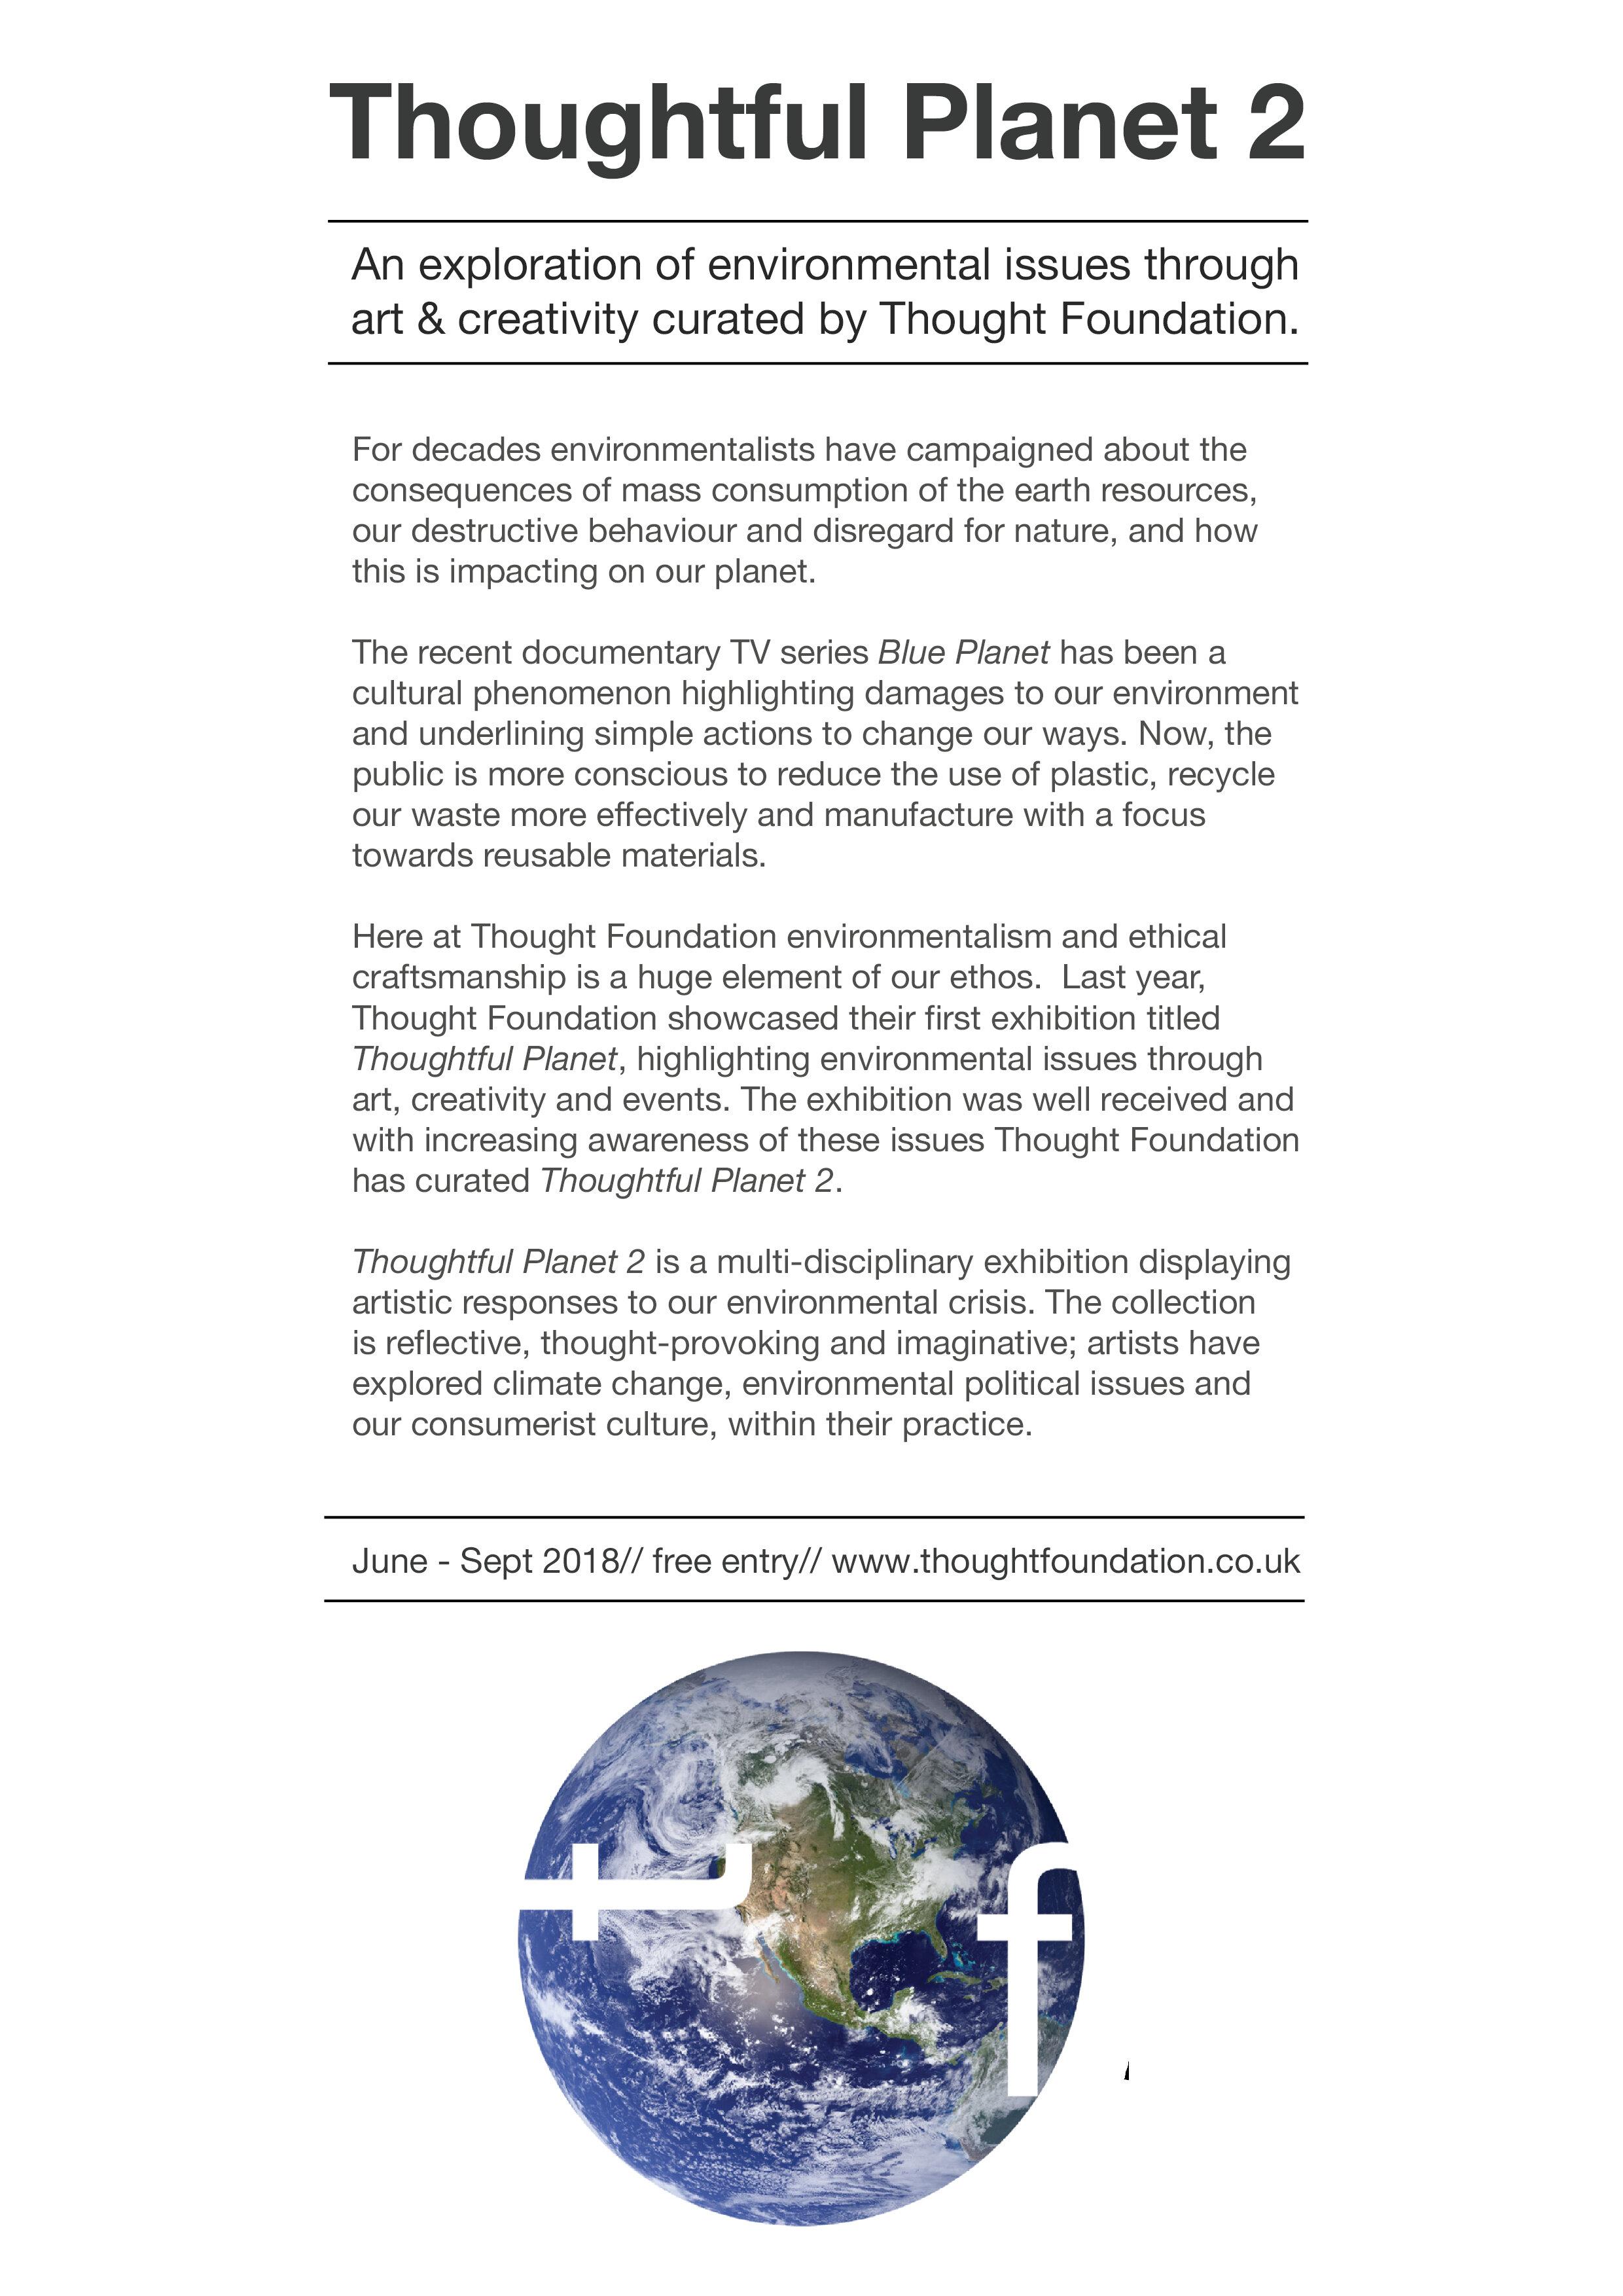 周到的星球11选5技巧,思想基金会